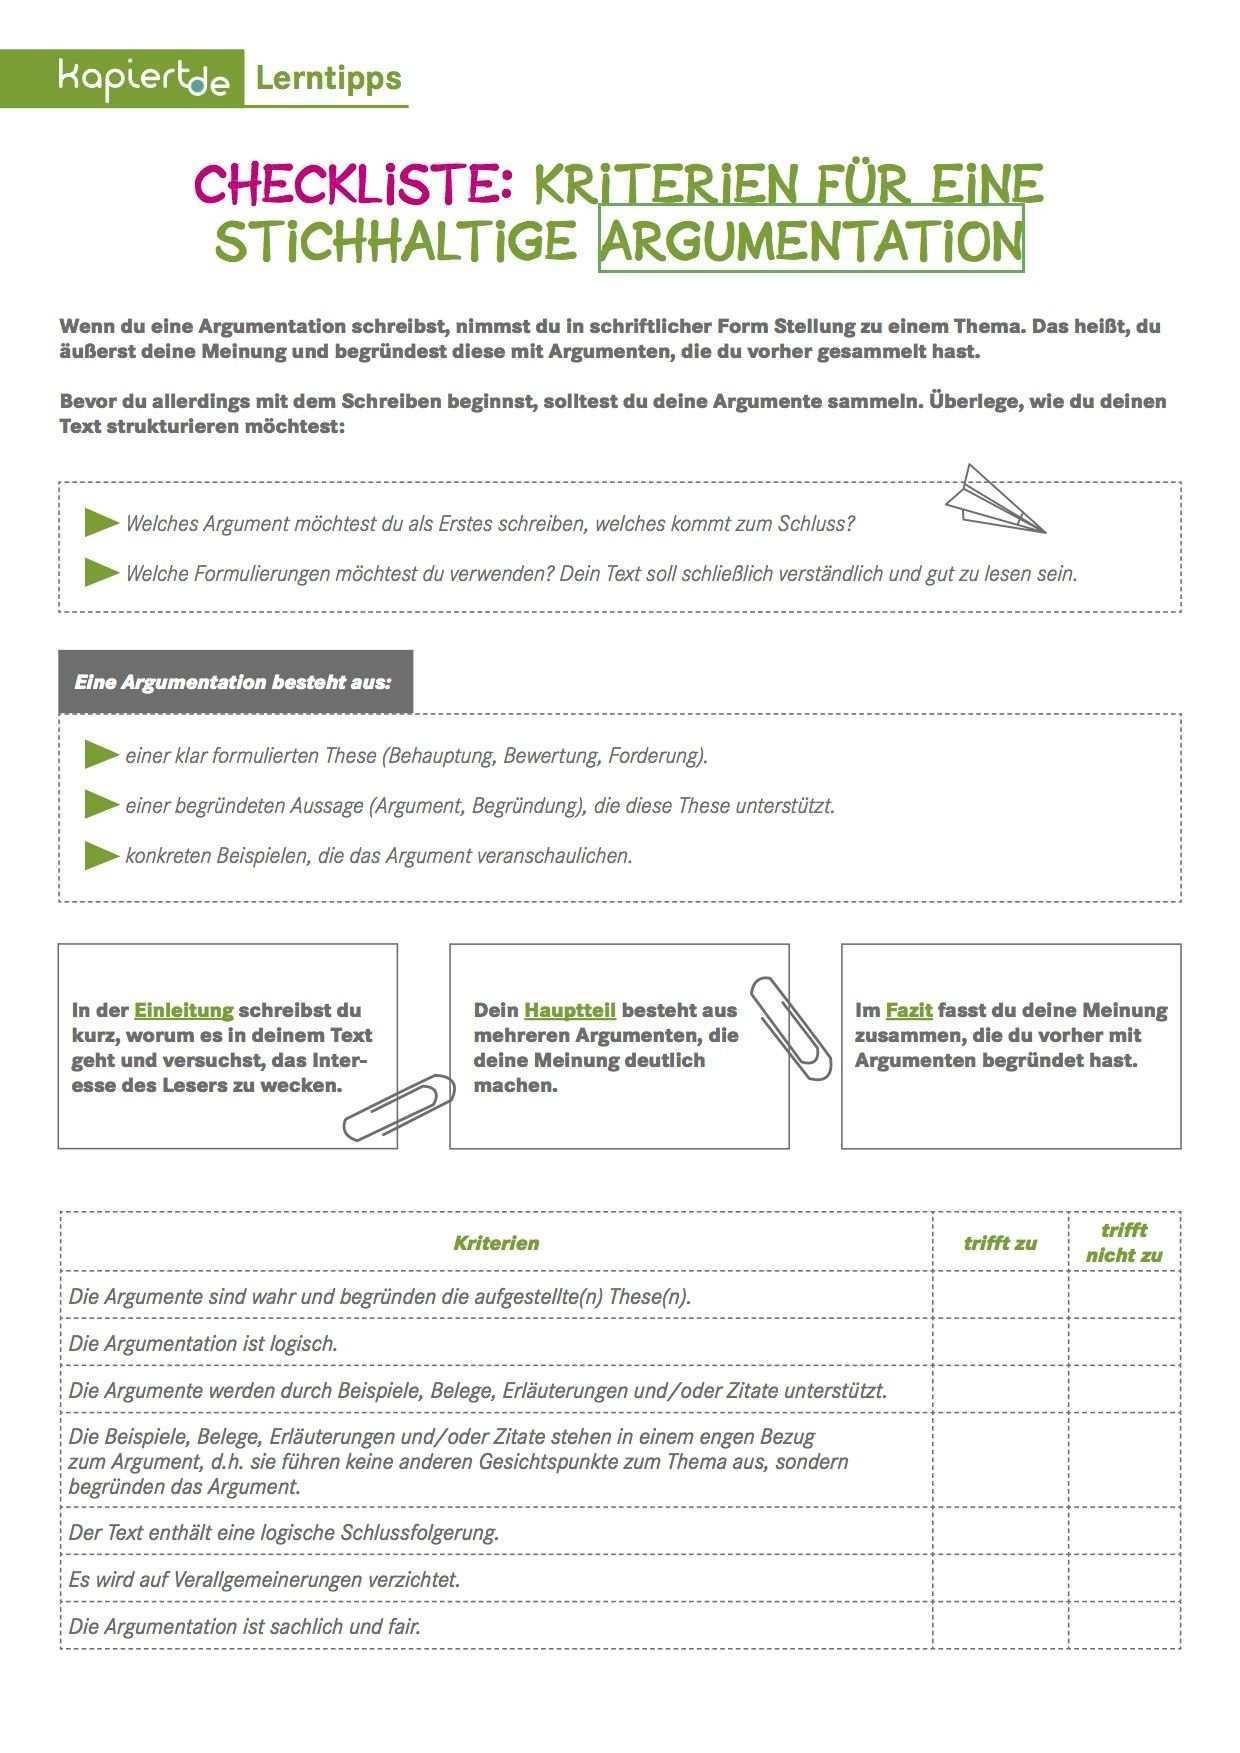 Checkliste Kriterien Fur Eine Argumentation Lernen Tipps Schule Notizheft Fur Kreatives Schreiben Fazit Schreiben